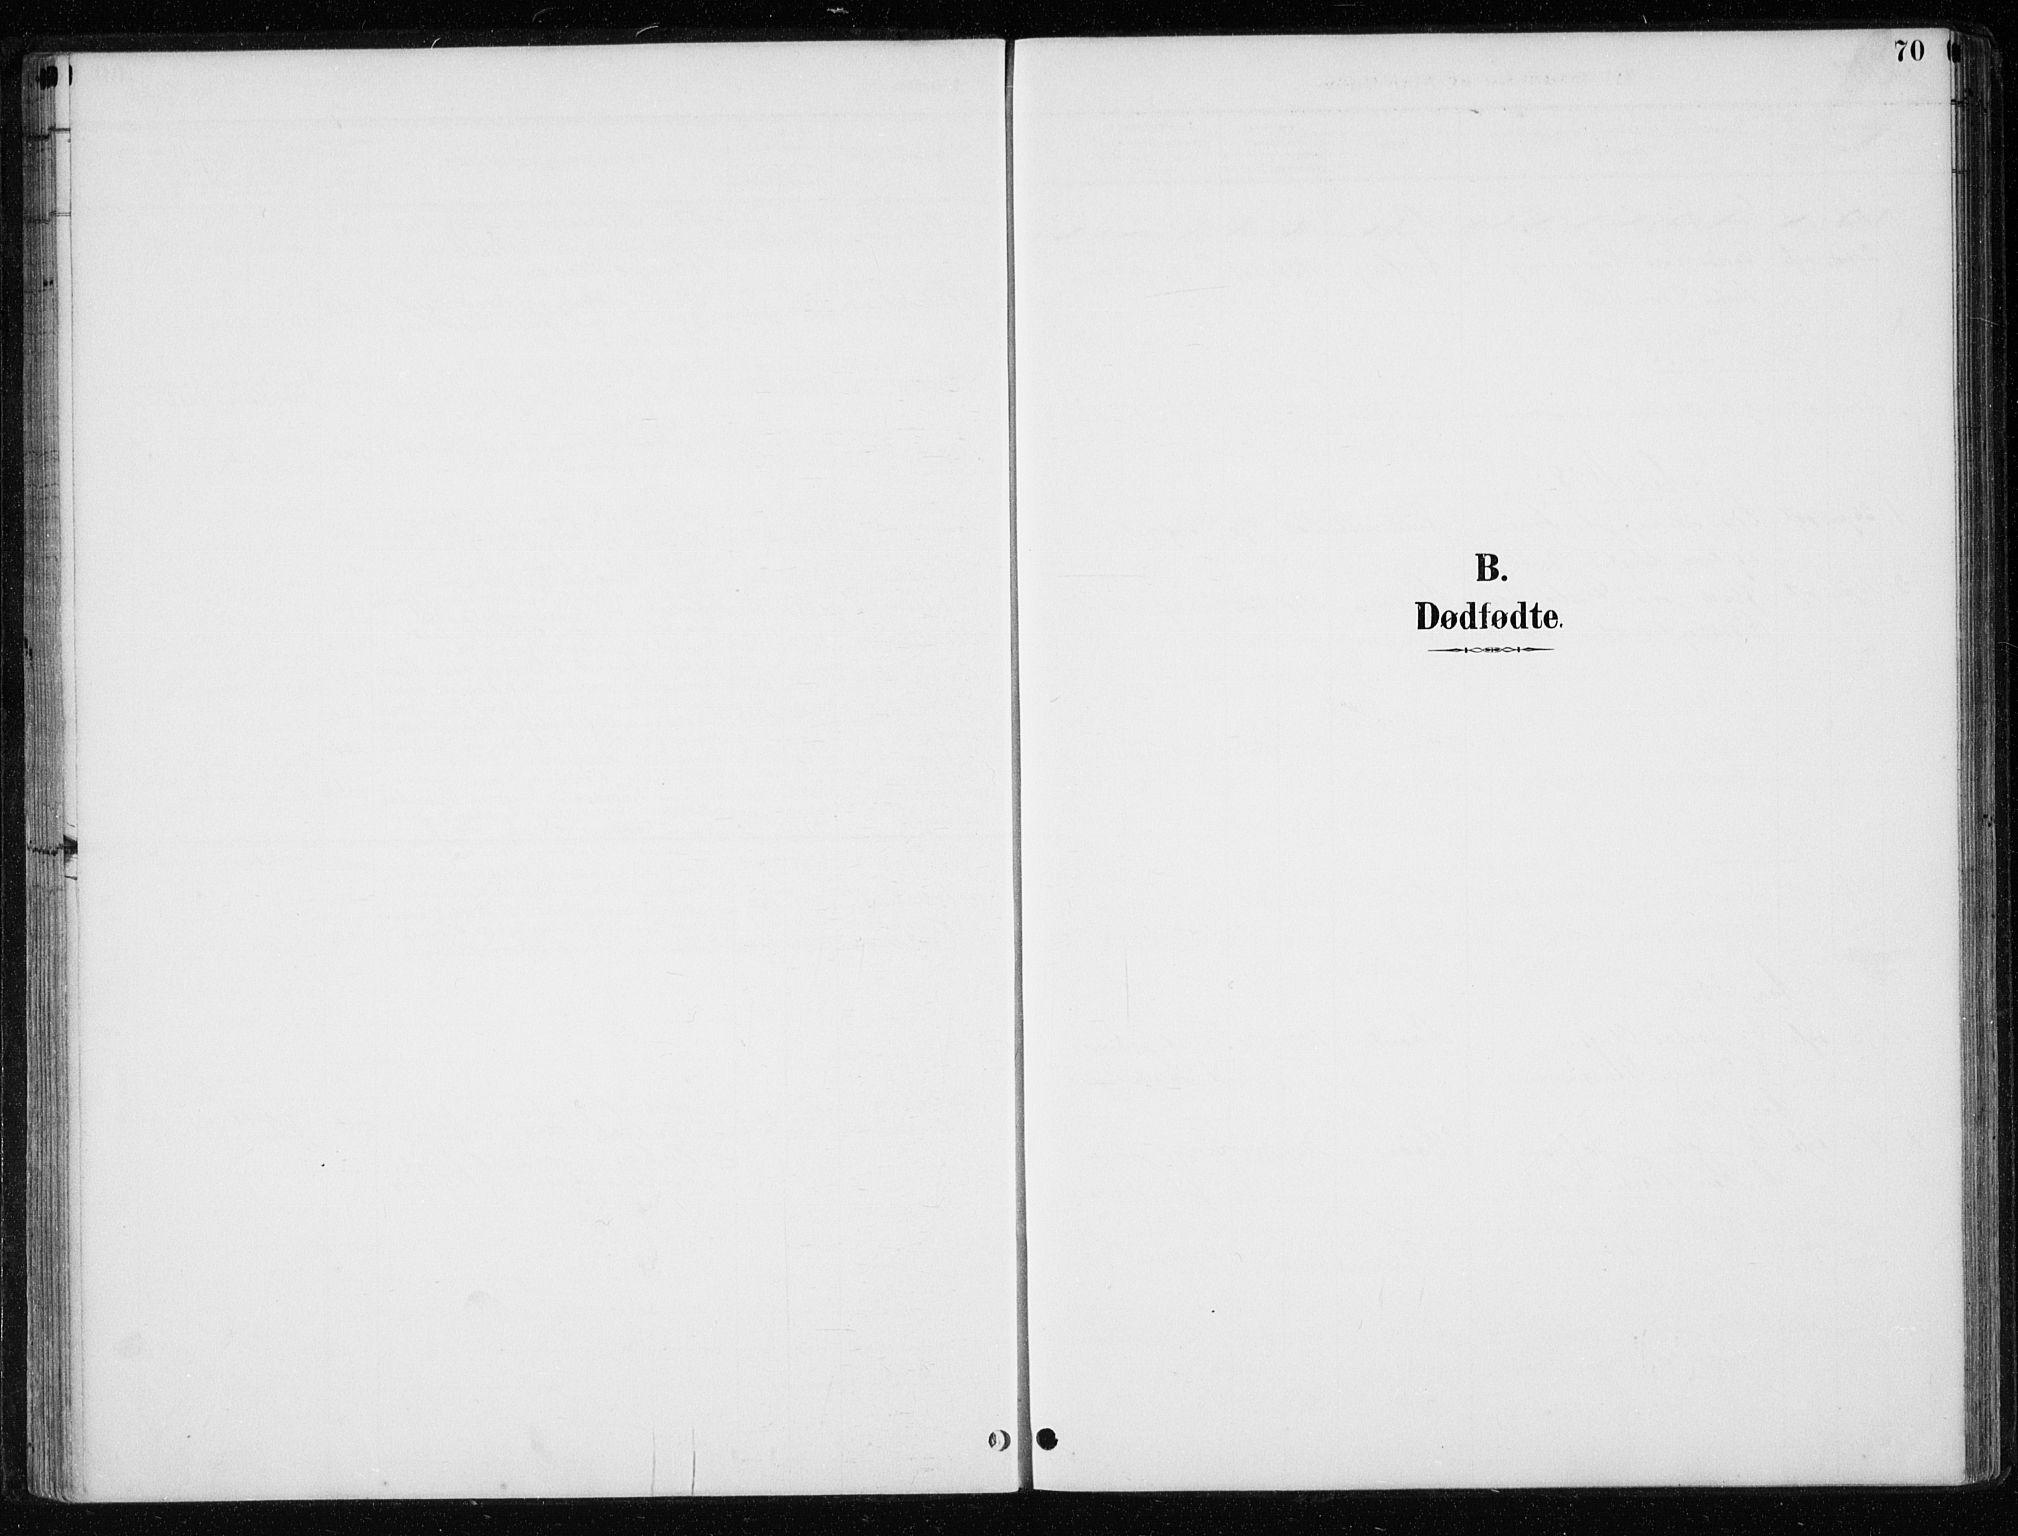 SAT, Ministerialprotokoller, klokkerbøker og fødselsregistre - Nord-Trøndelag, 710/L0096: Klokkerbok nr. 710C01, 1892-1925, s. 70